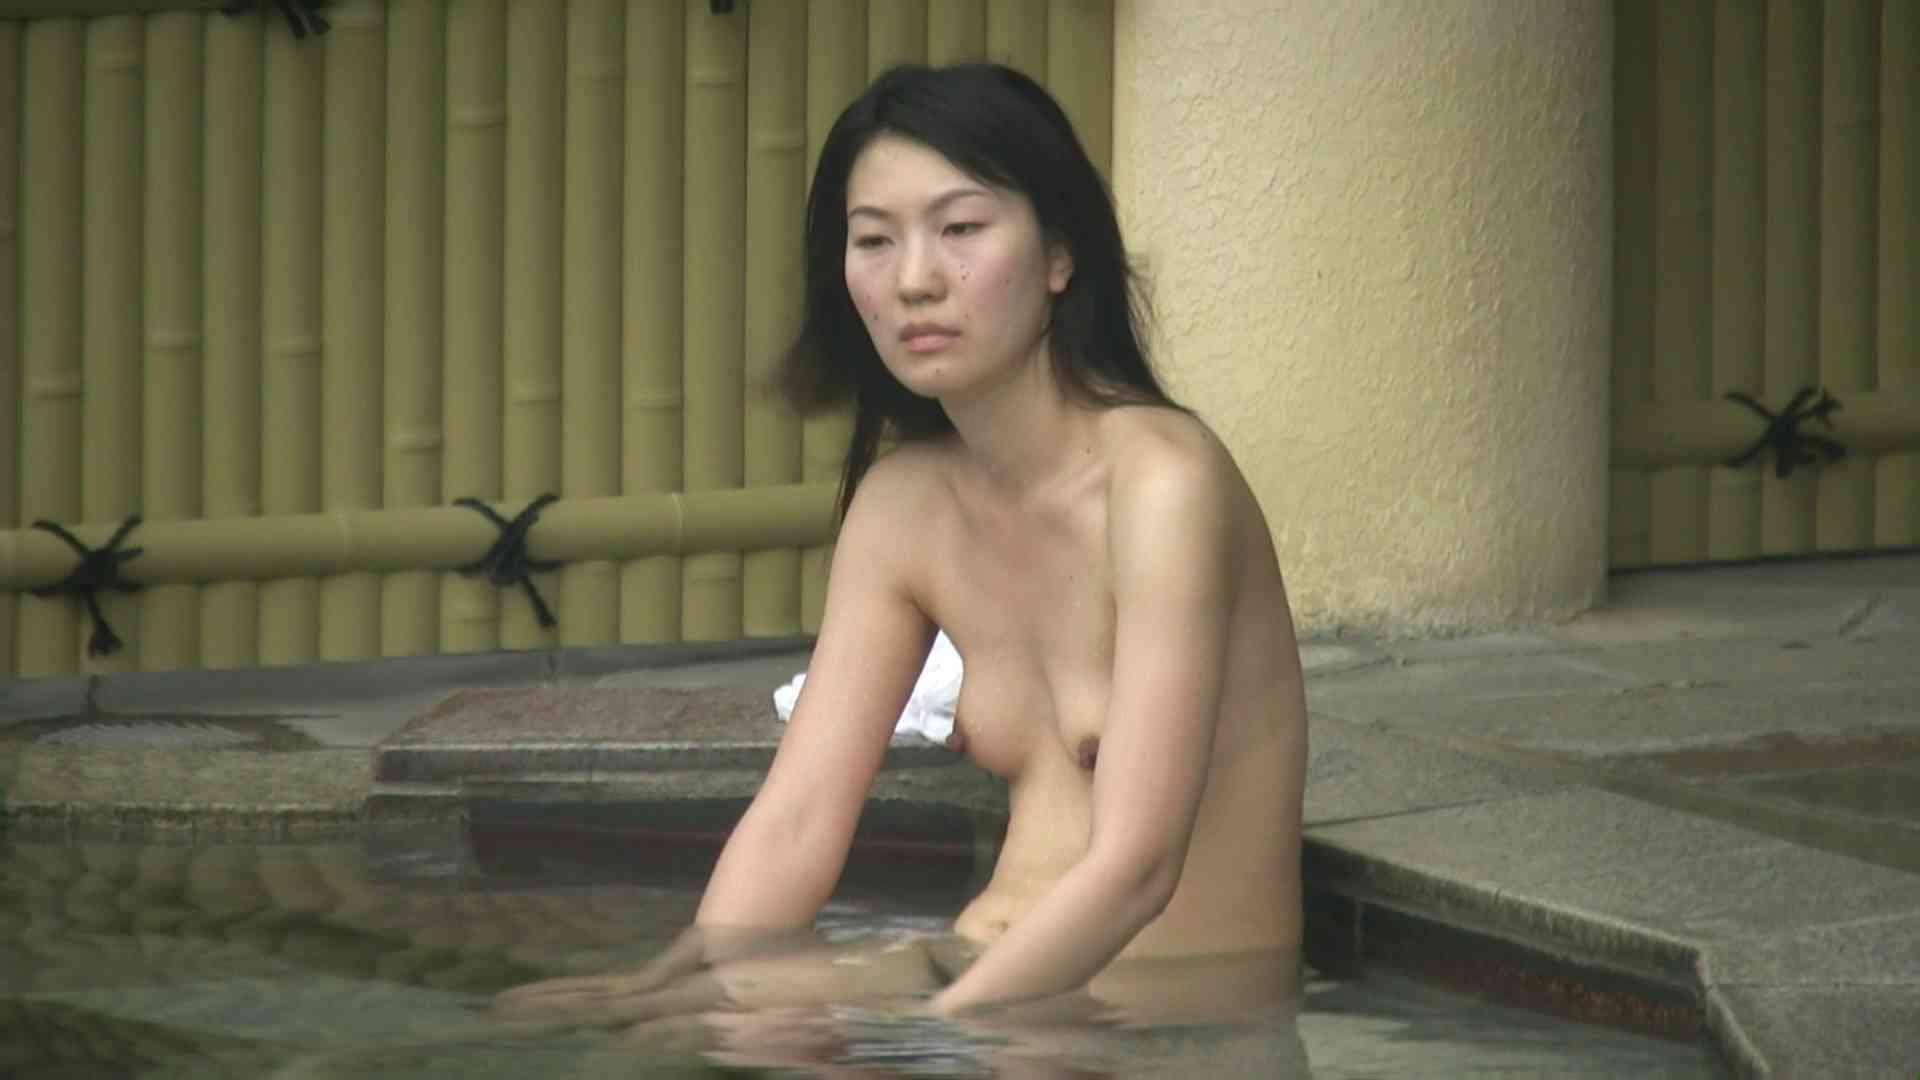 高画質露天女風呂観察 vol.034 女風呂 | 高画質  107pic 99